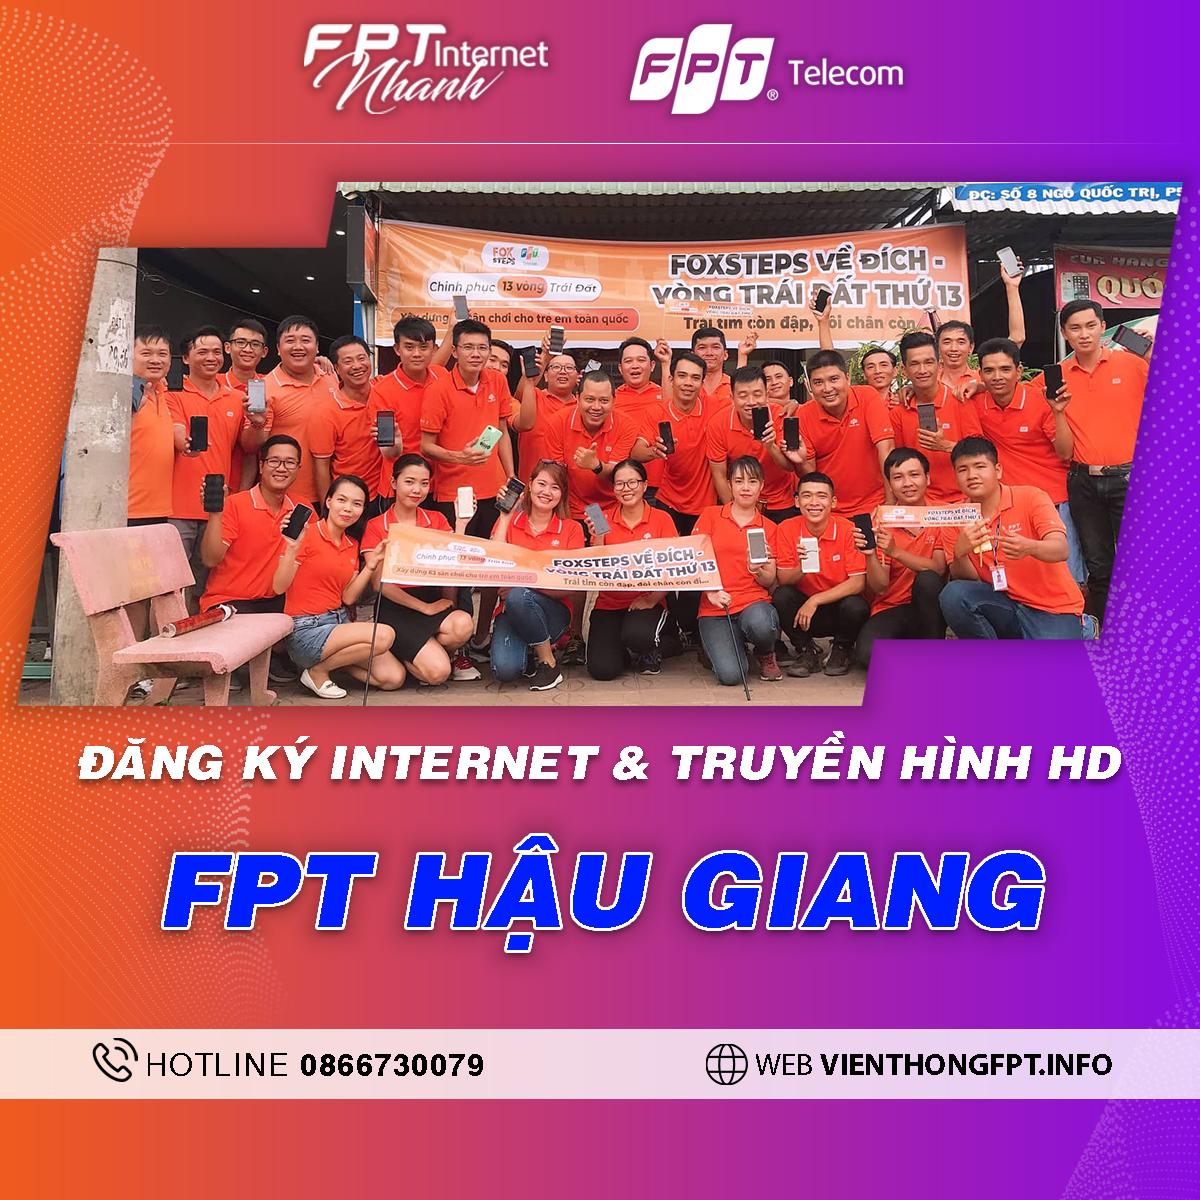 Chi nhánh FPT Hậu Giang - Tổng đài lắp mạng Internet + Truyền hình FPT